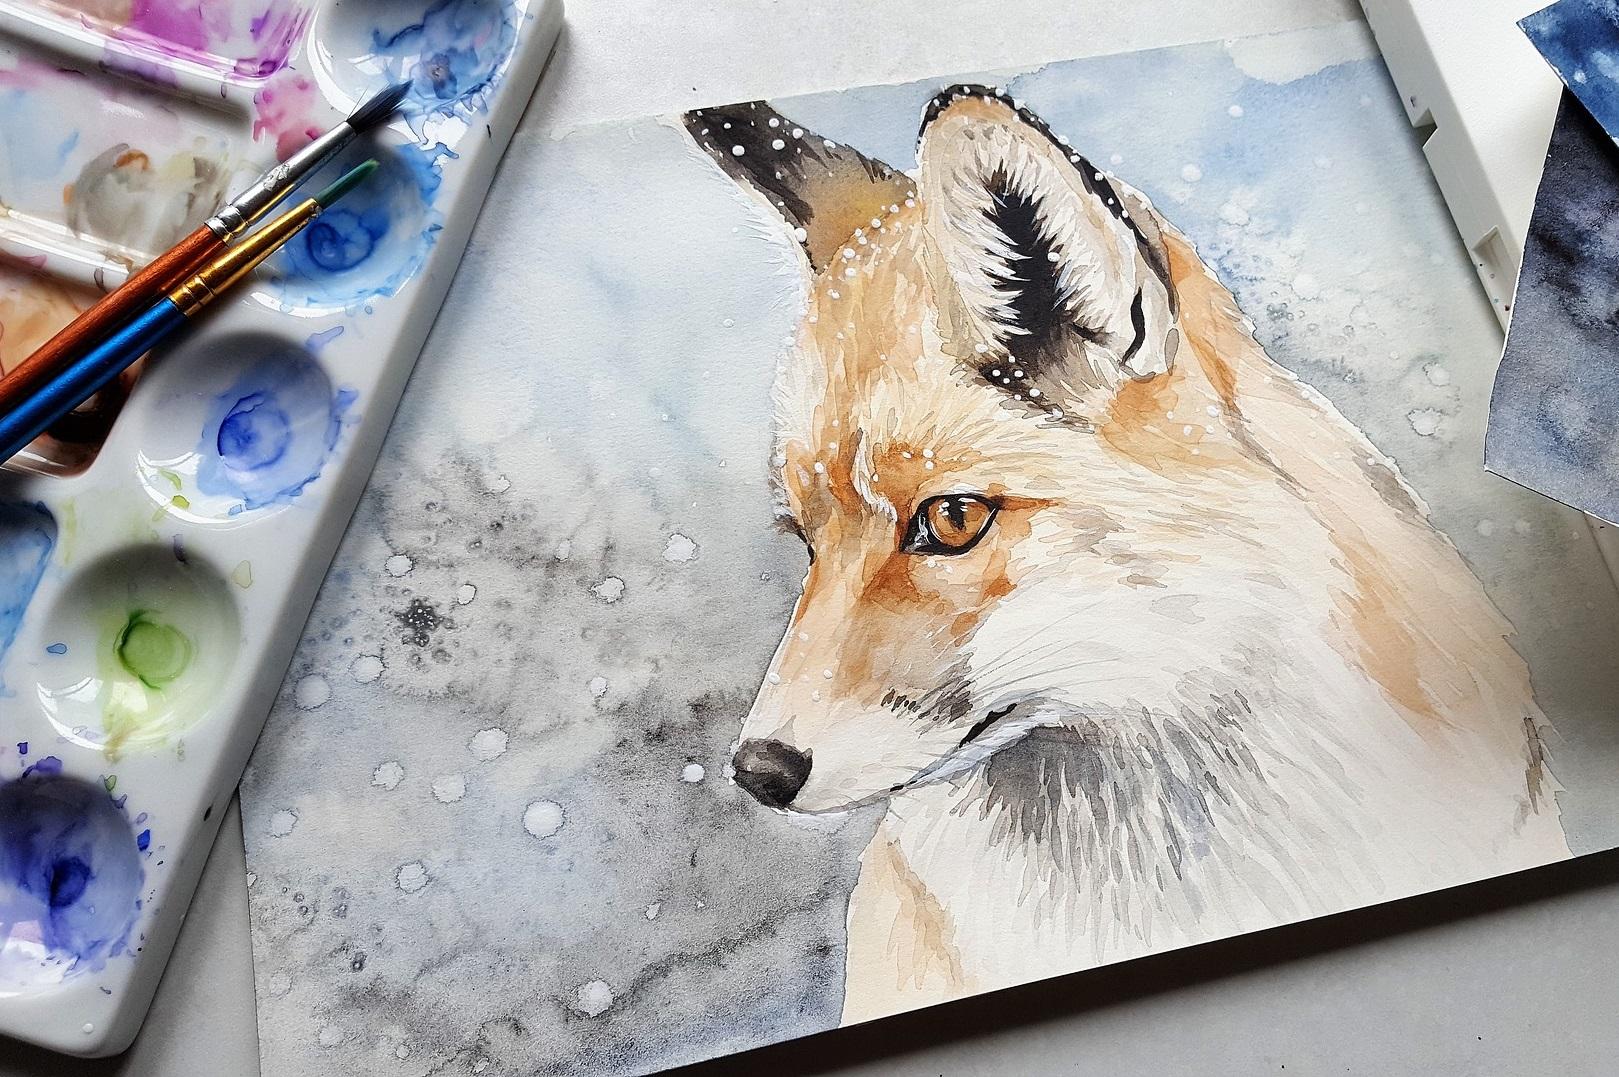 Мастер-класс по акварельной живописи проведут в «Загорье»